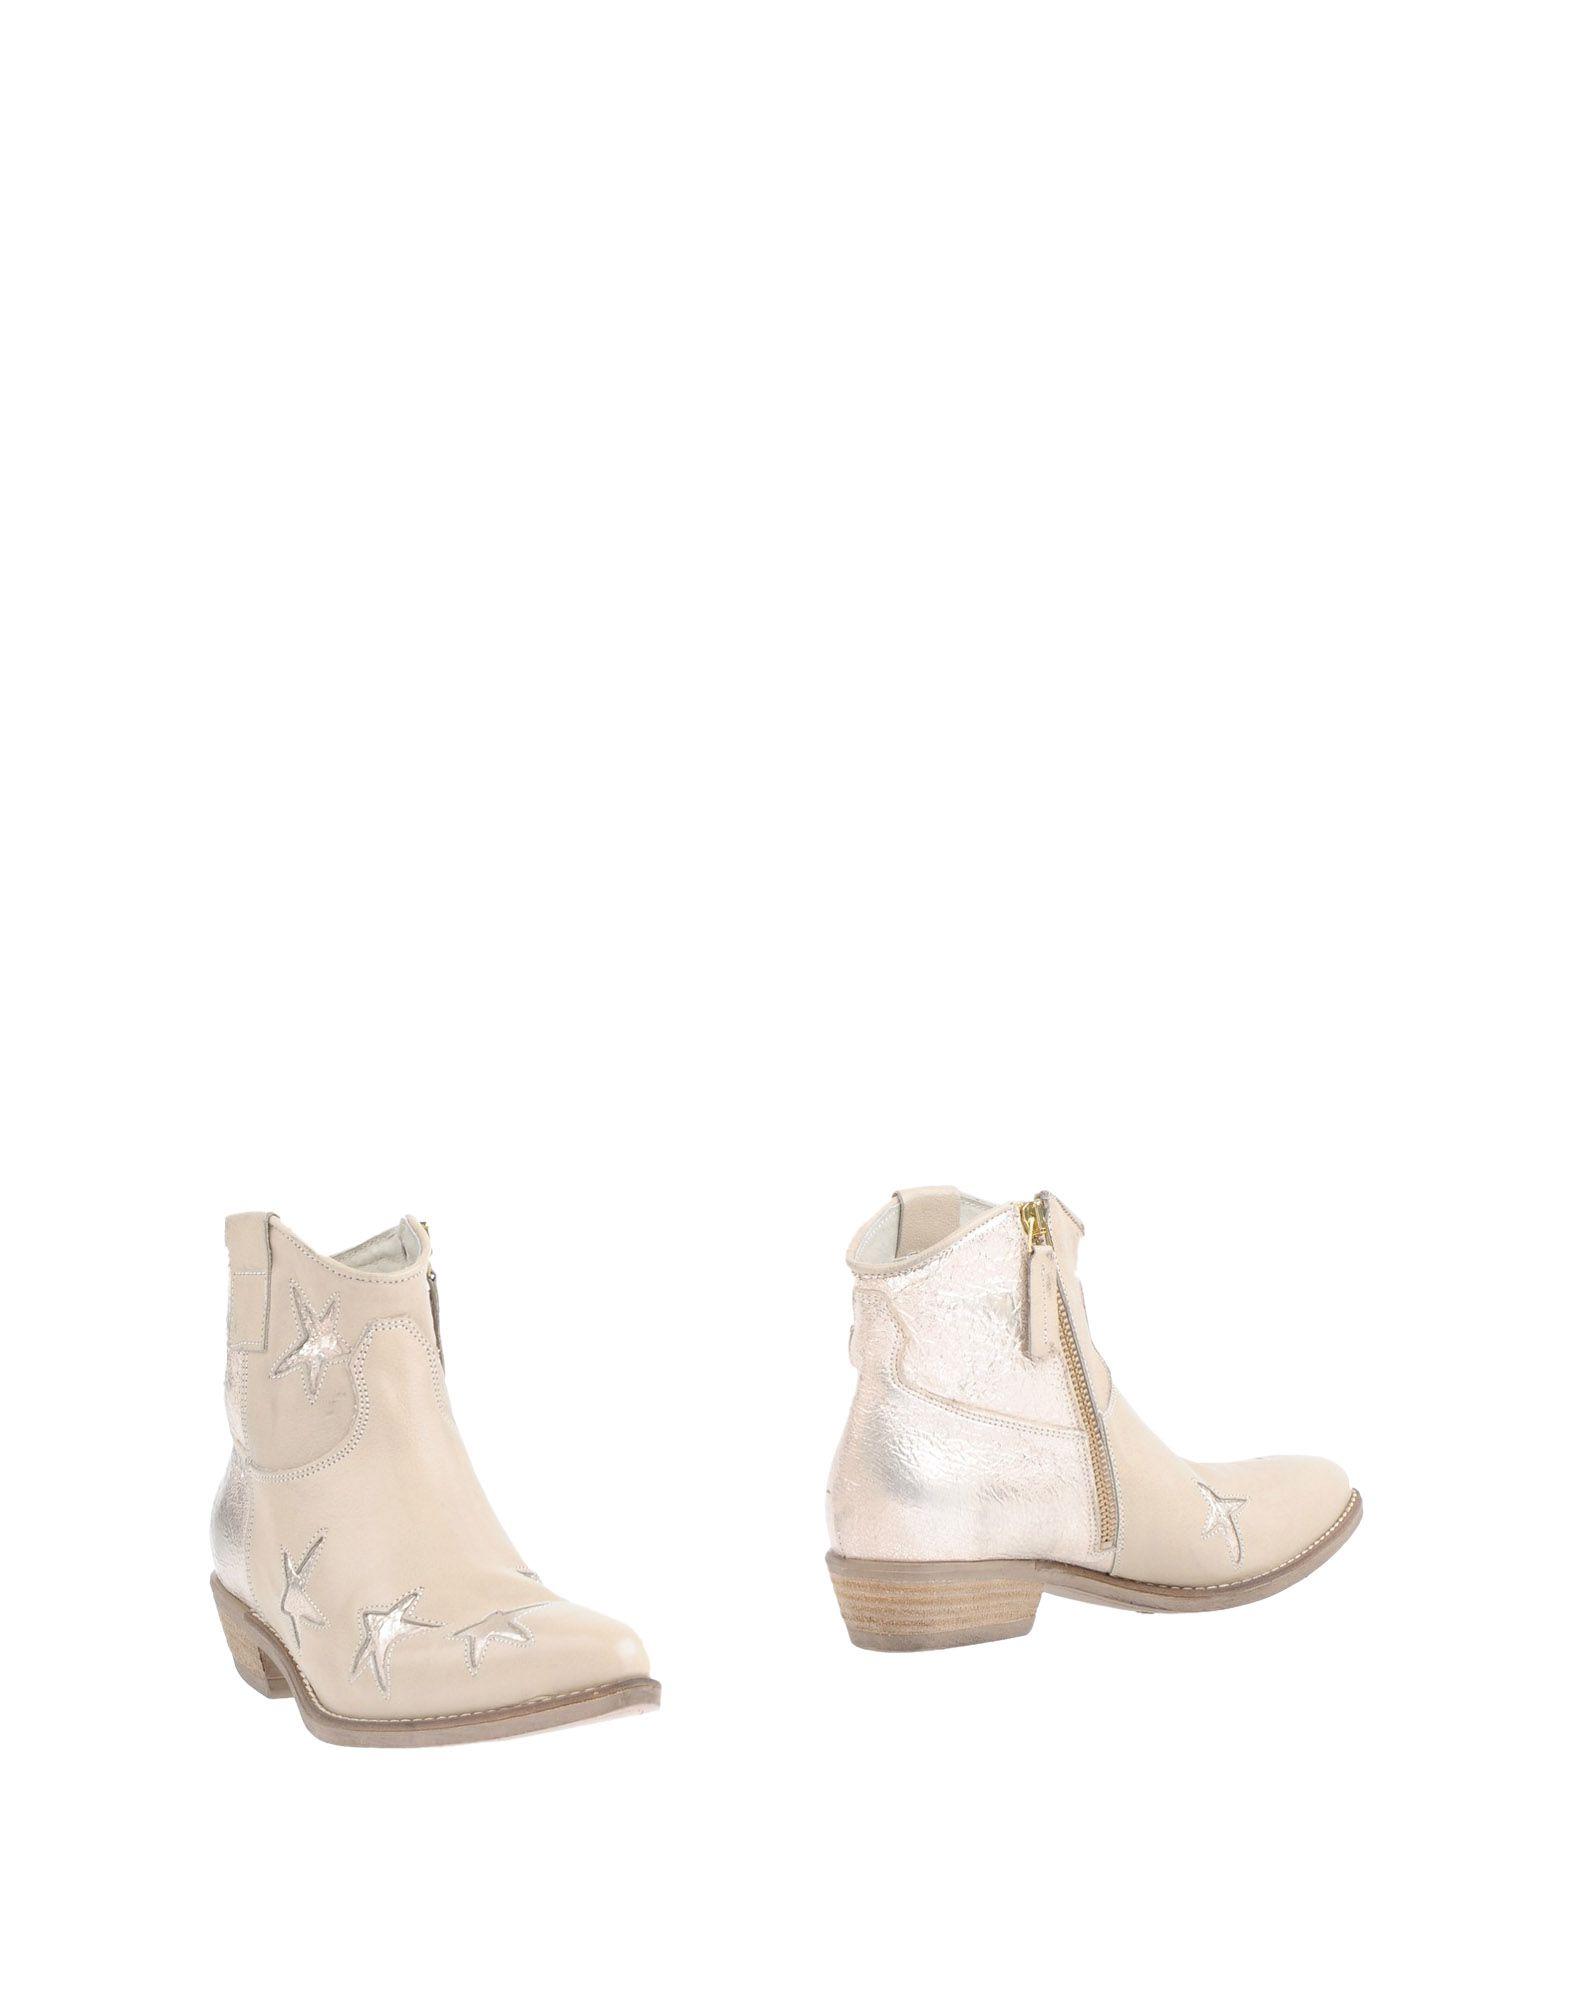 Ovye' By Cristina Lucchi Stiefelette Damen  11333199GM Gute Qualität beliebte Schuhe